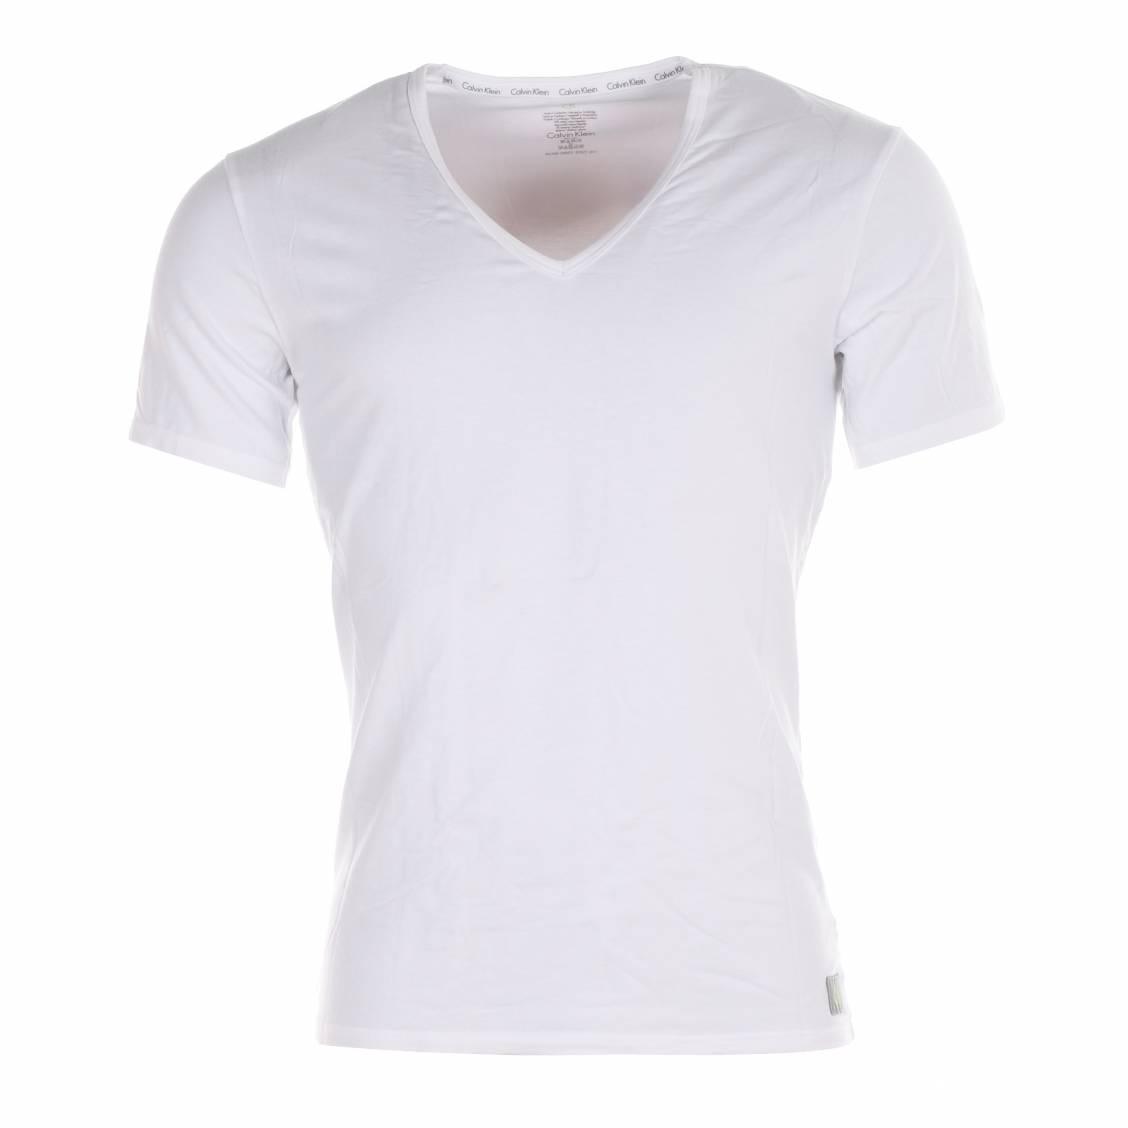 T shirt blanc col v, un classique qui fonctionne toujours aussi bien